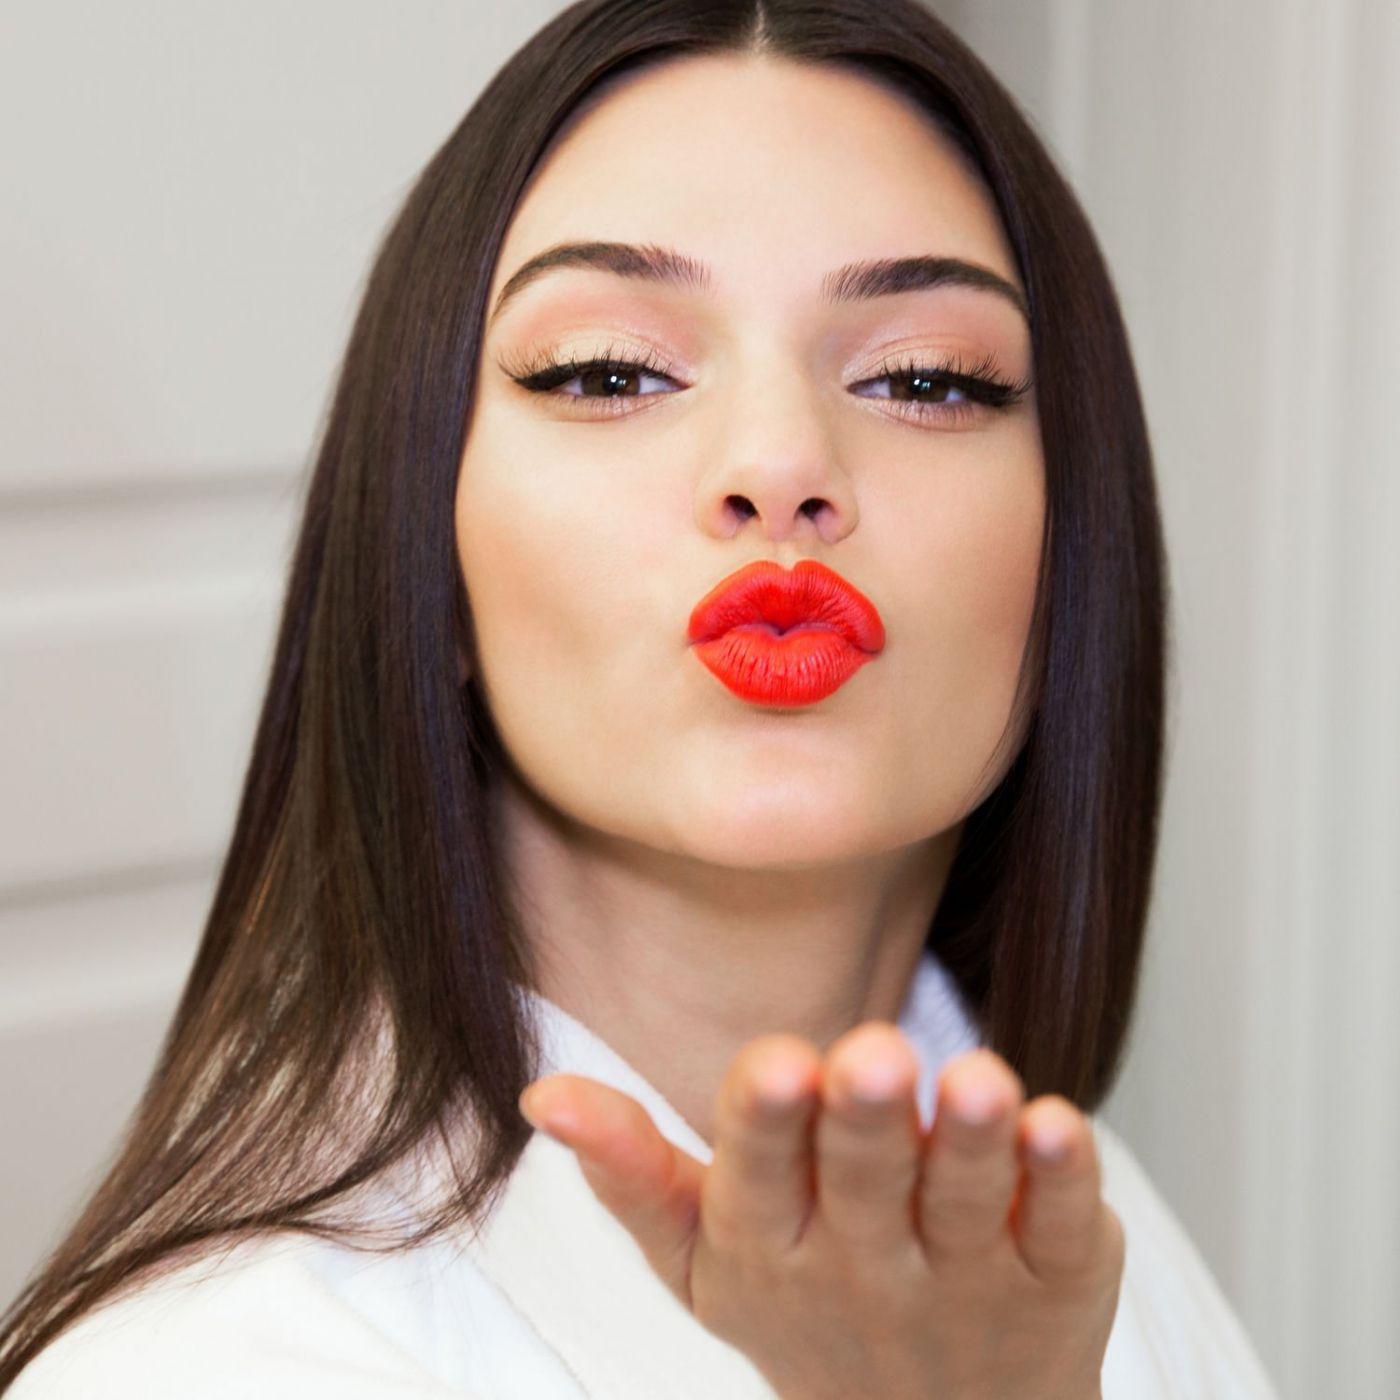 армянка с накрашенными губами - 3